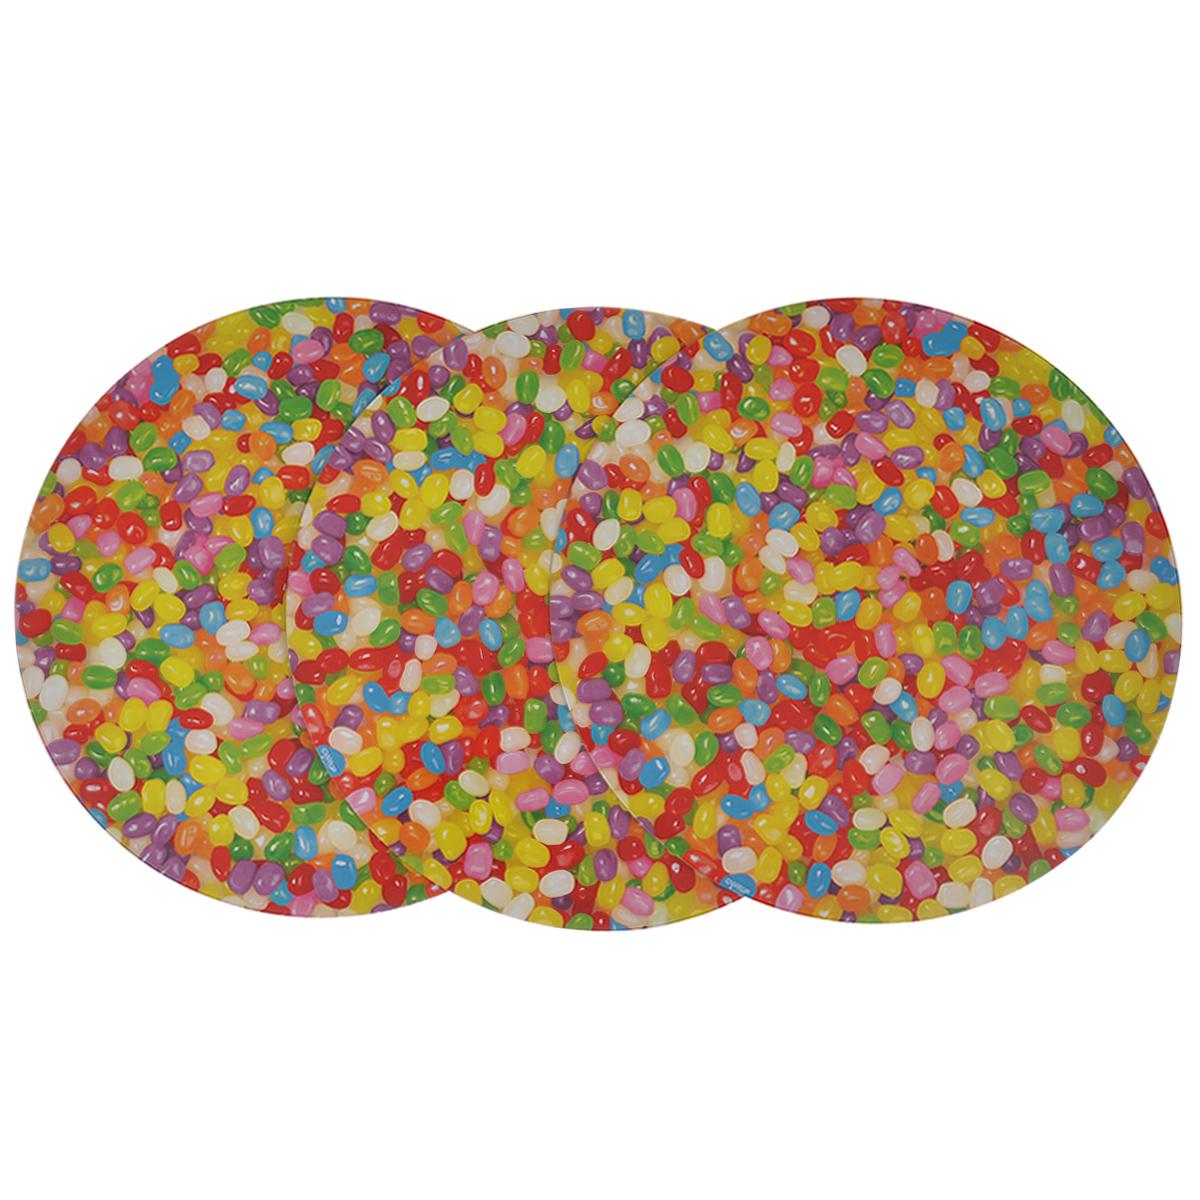 Основа для торта Wilton Веселая фасоль, диаметр 30 см, 3 шт115510Круглая основа для торта Wilton Веселая фасоль изготовлена из гофрированного картона с жиронепроницаемым покрытием, оформленным красочным принтом в виде разноцветных драже. Основа предназначена для круглого торта диаметром около 25 см или небольших праздничных угощений и закусок (например, пирожных, канапе). Основа удобна для работы, перекладывания коржей, хранения и переноски торта. В комплекте 3 основы. Диаметр: 30 см.